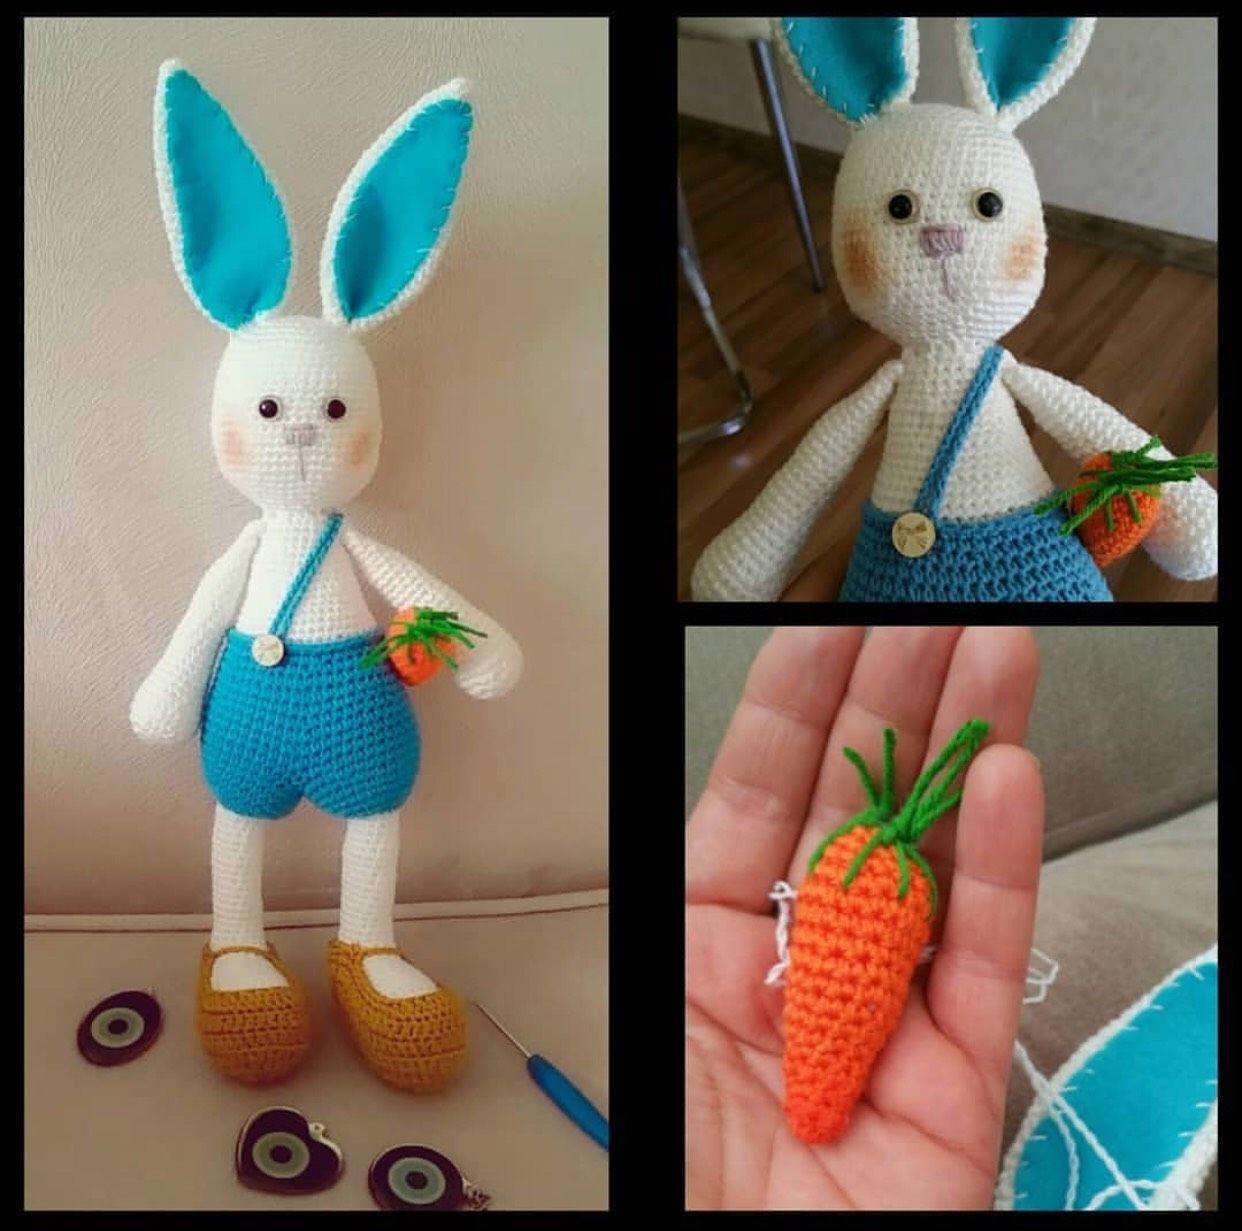 Amigurumi uzun kulak tavşan yapımı | Amigurumi modelleri, Desenler ... | 1231x1242